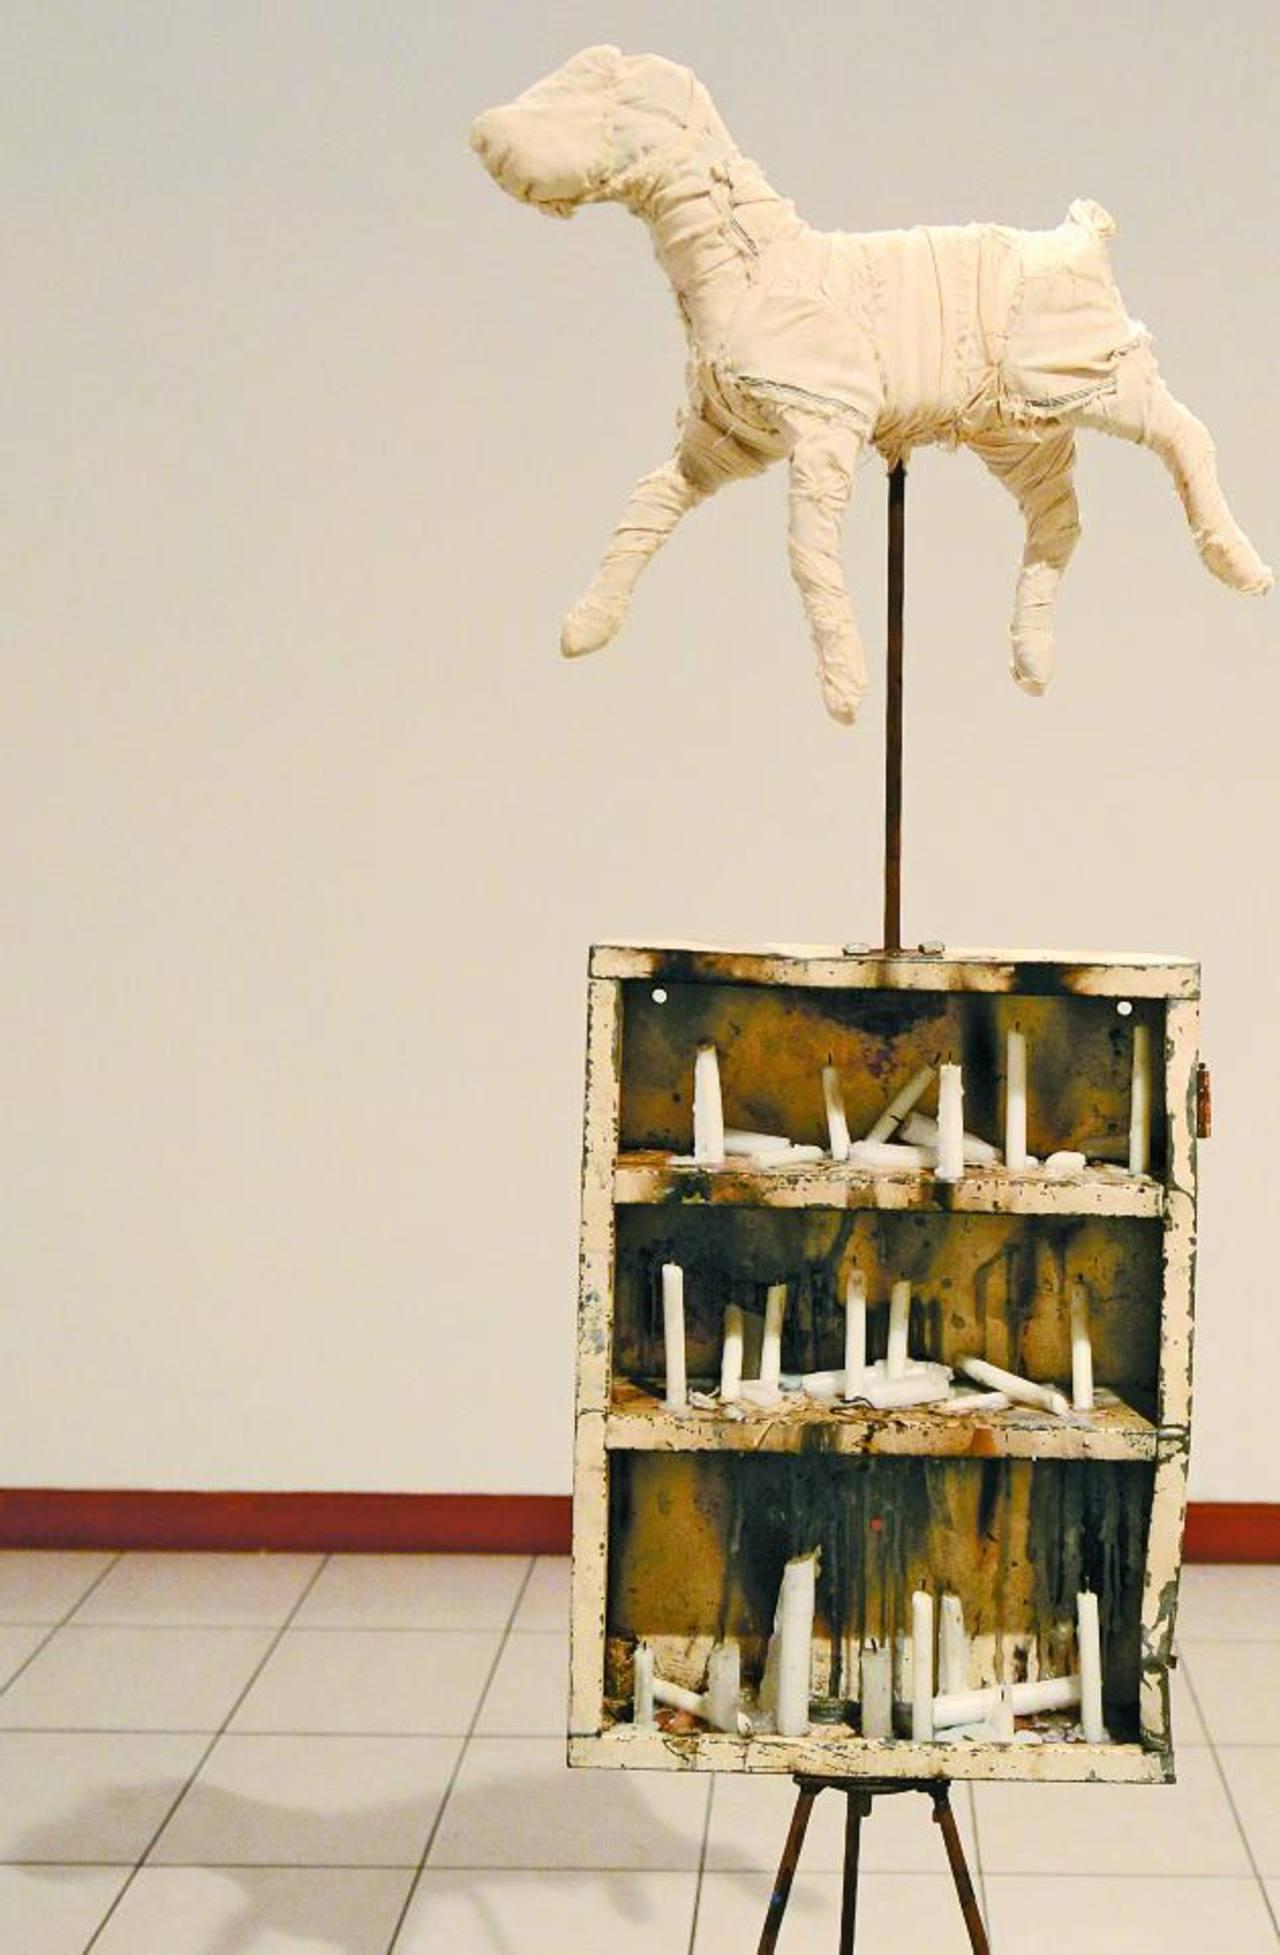 La instalación de Natalia Domínguez evoca temas íntimos y universales. Foto EDH / Mauricio Cáceres